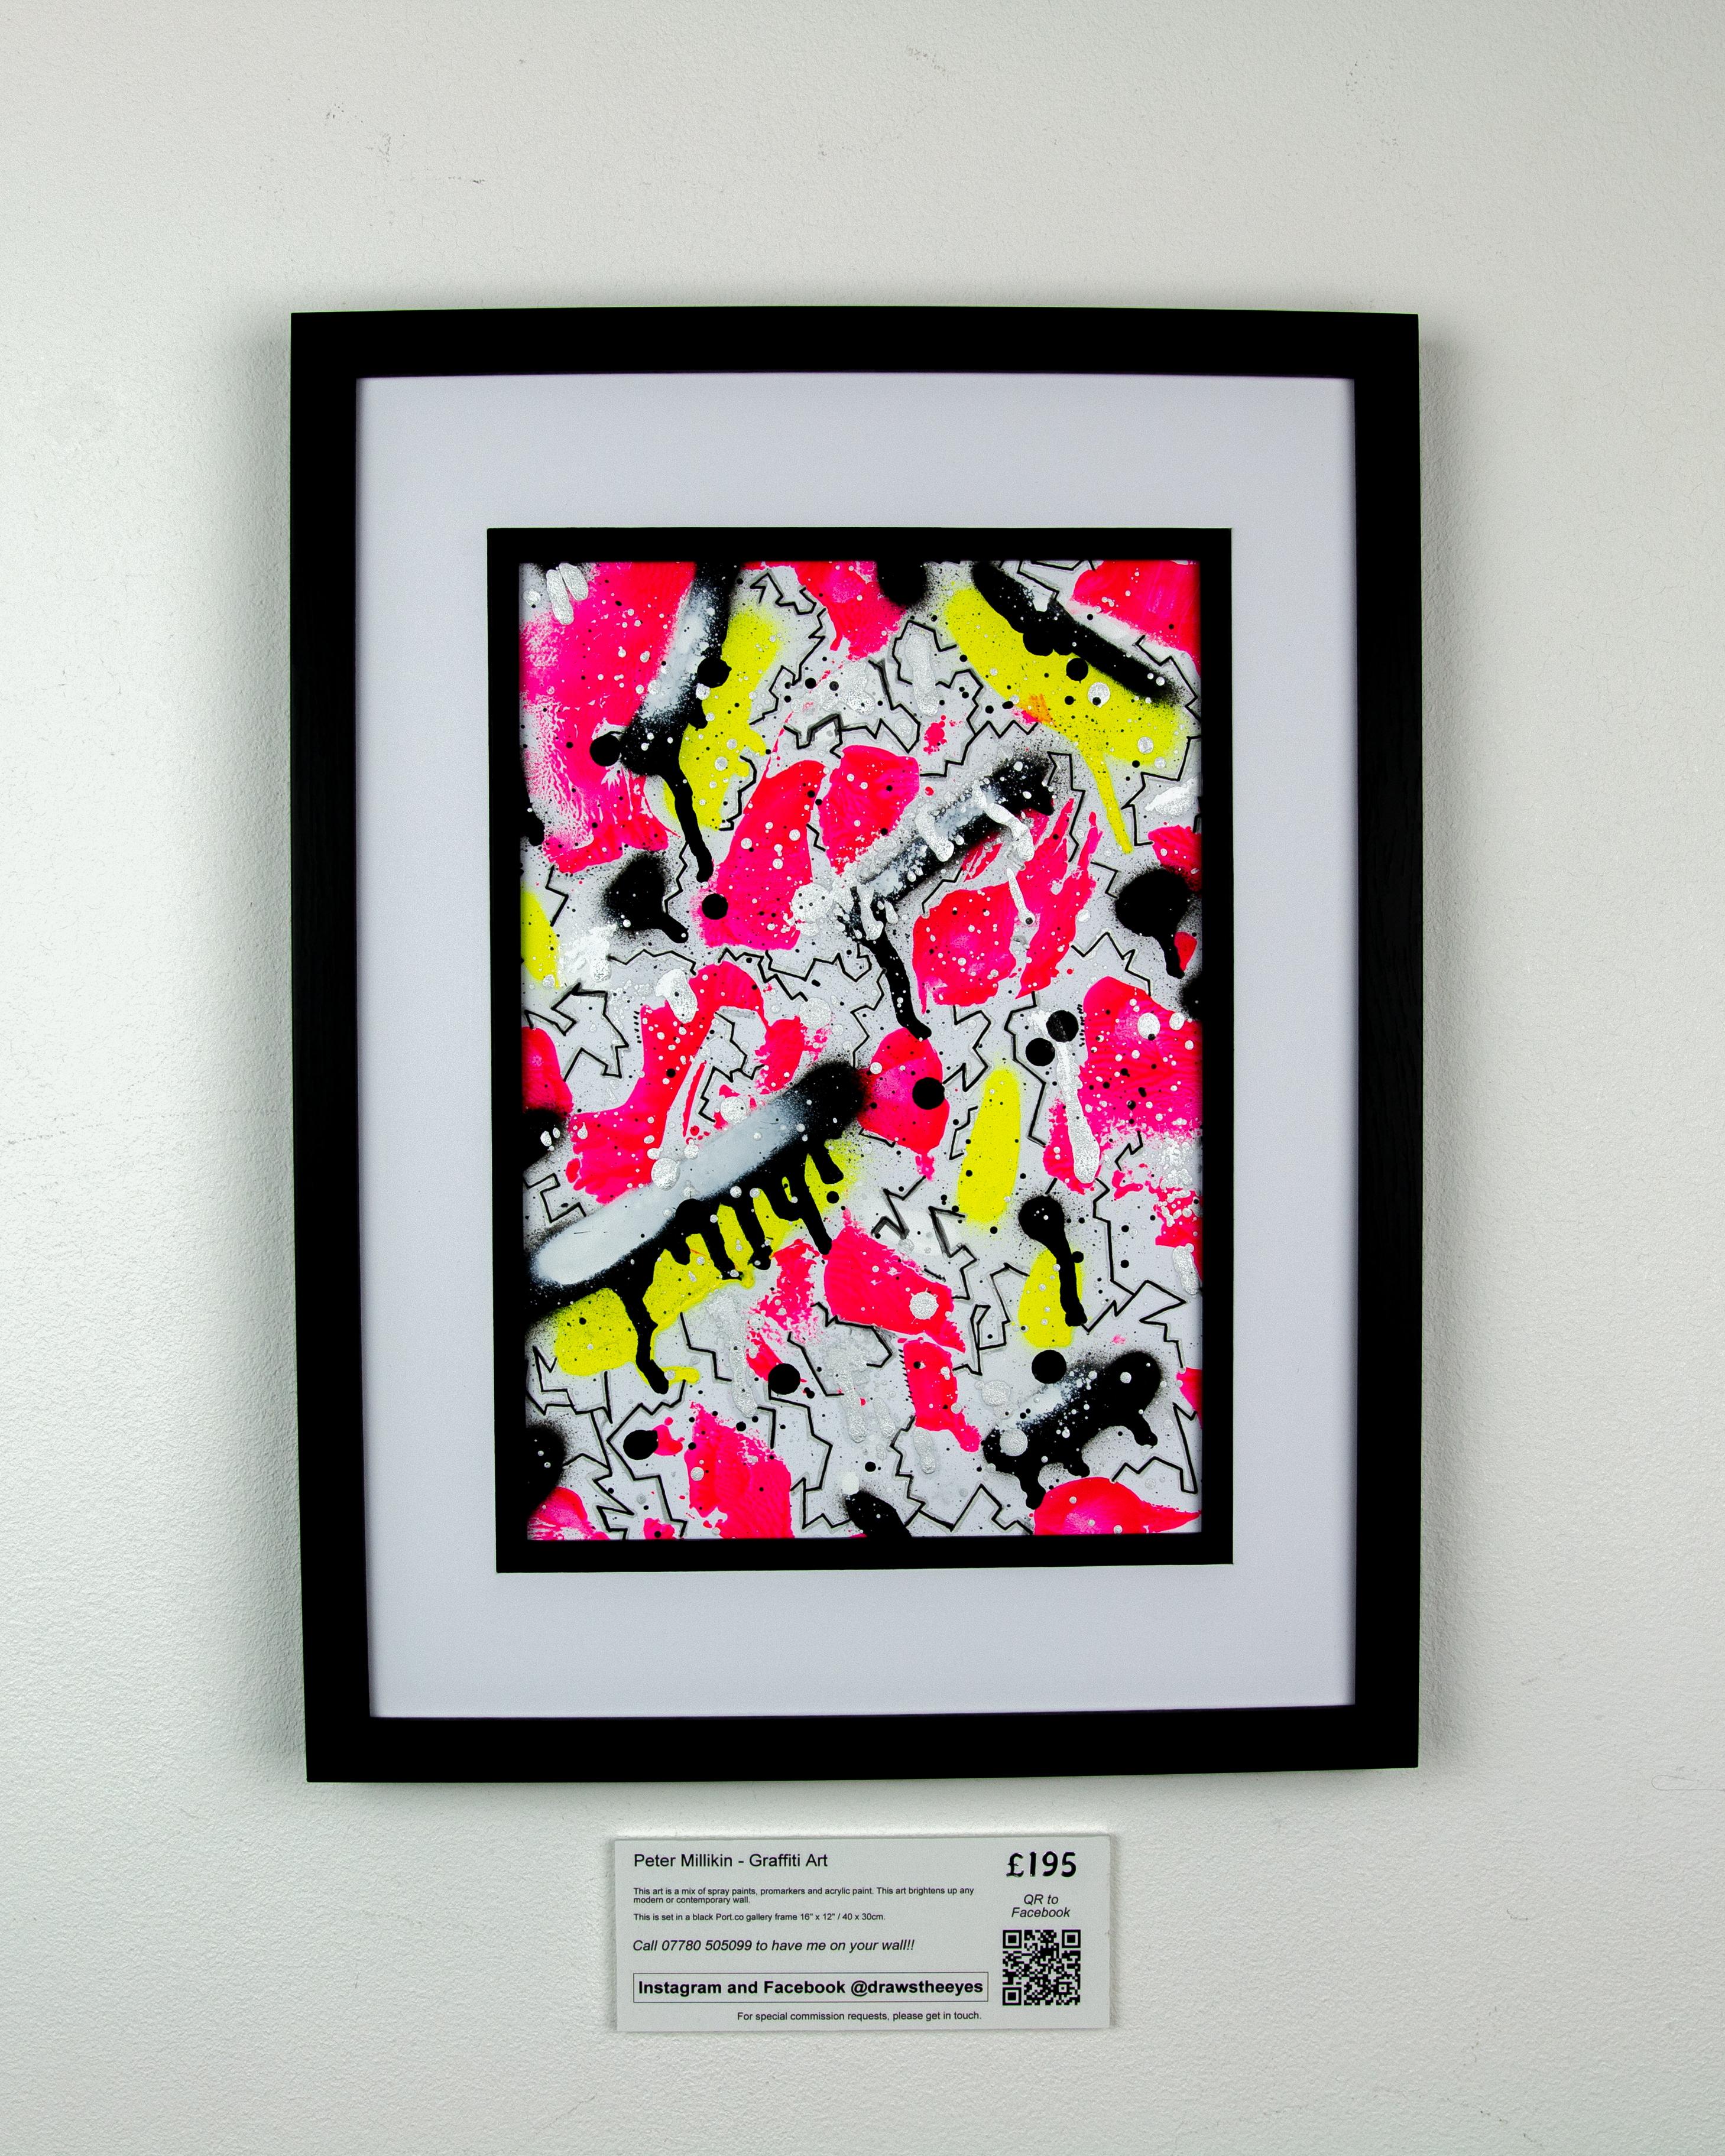 Framed A4 Spray Paint On Card – Marina Vista 04